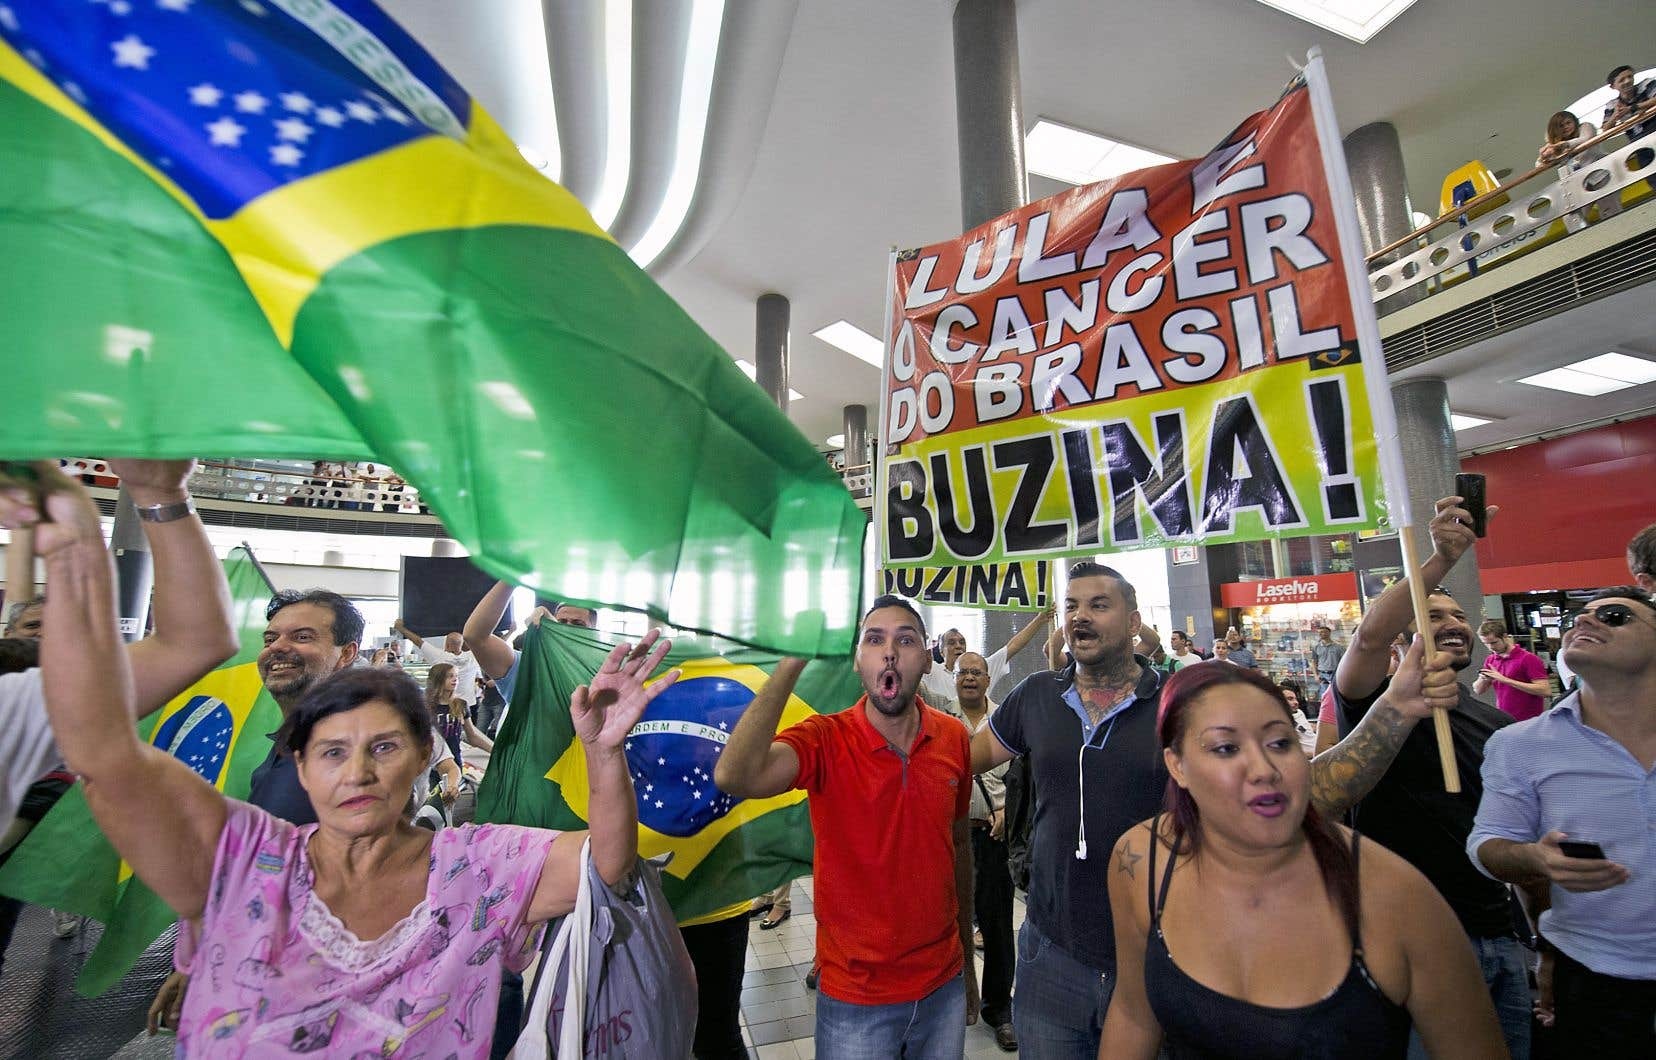 Manifestation contre l'ancien président Lula au Brésil. Le complexe tissu de corruption au pays montre comment la corruption érode les systèmes politiques et creuse sa crédibilité, selon l'auteur.